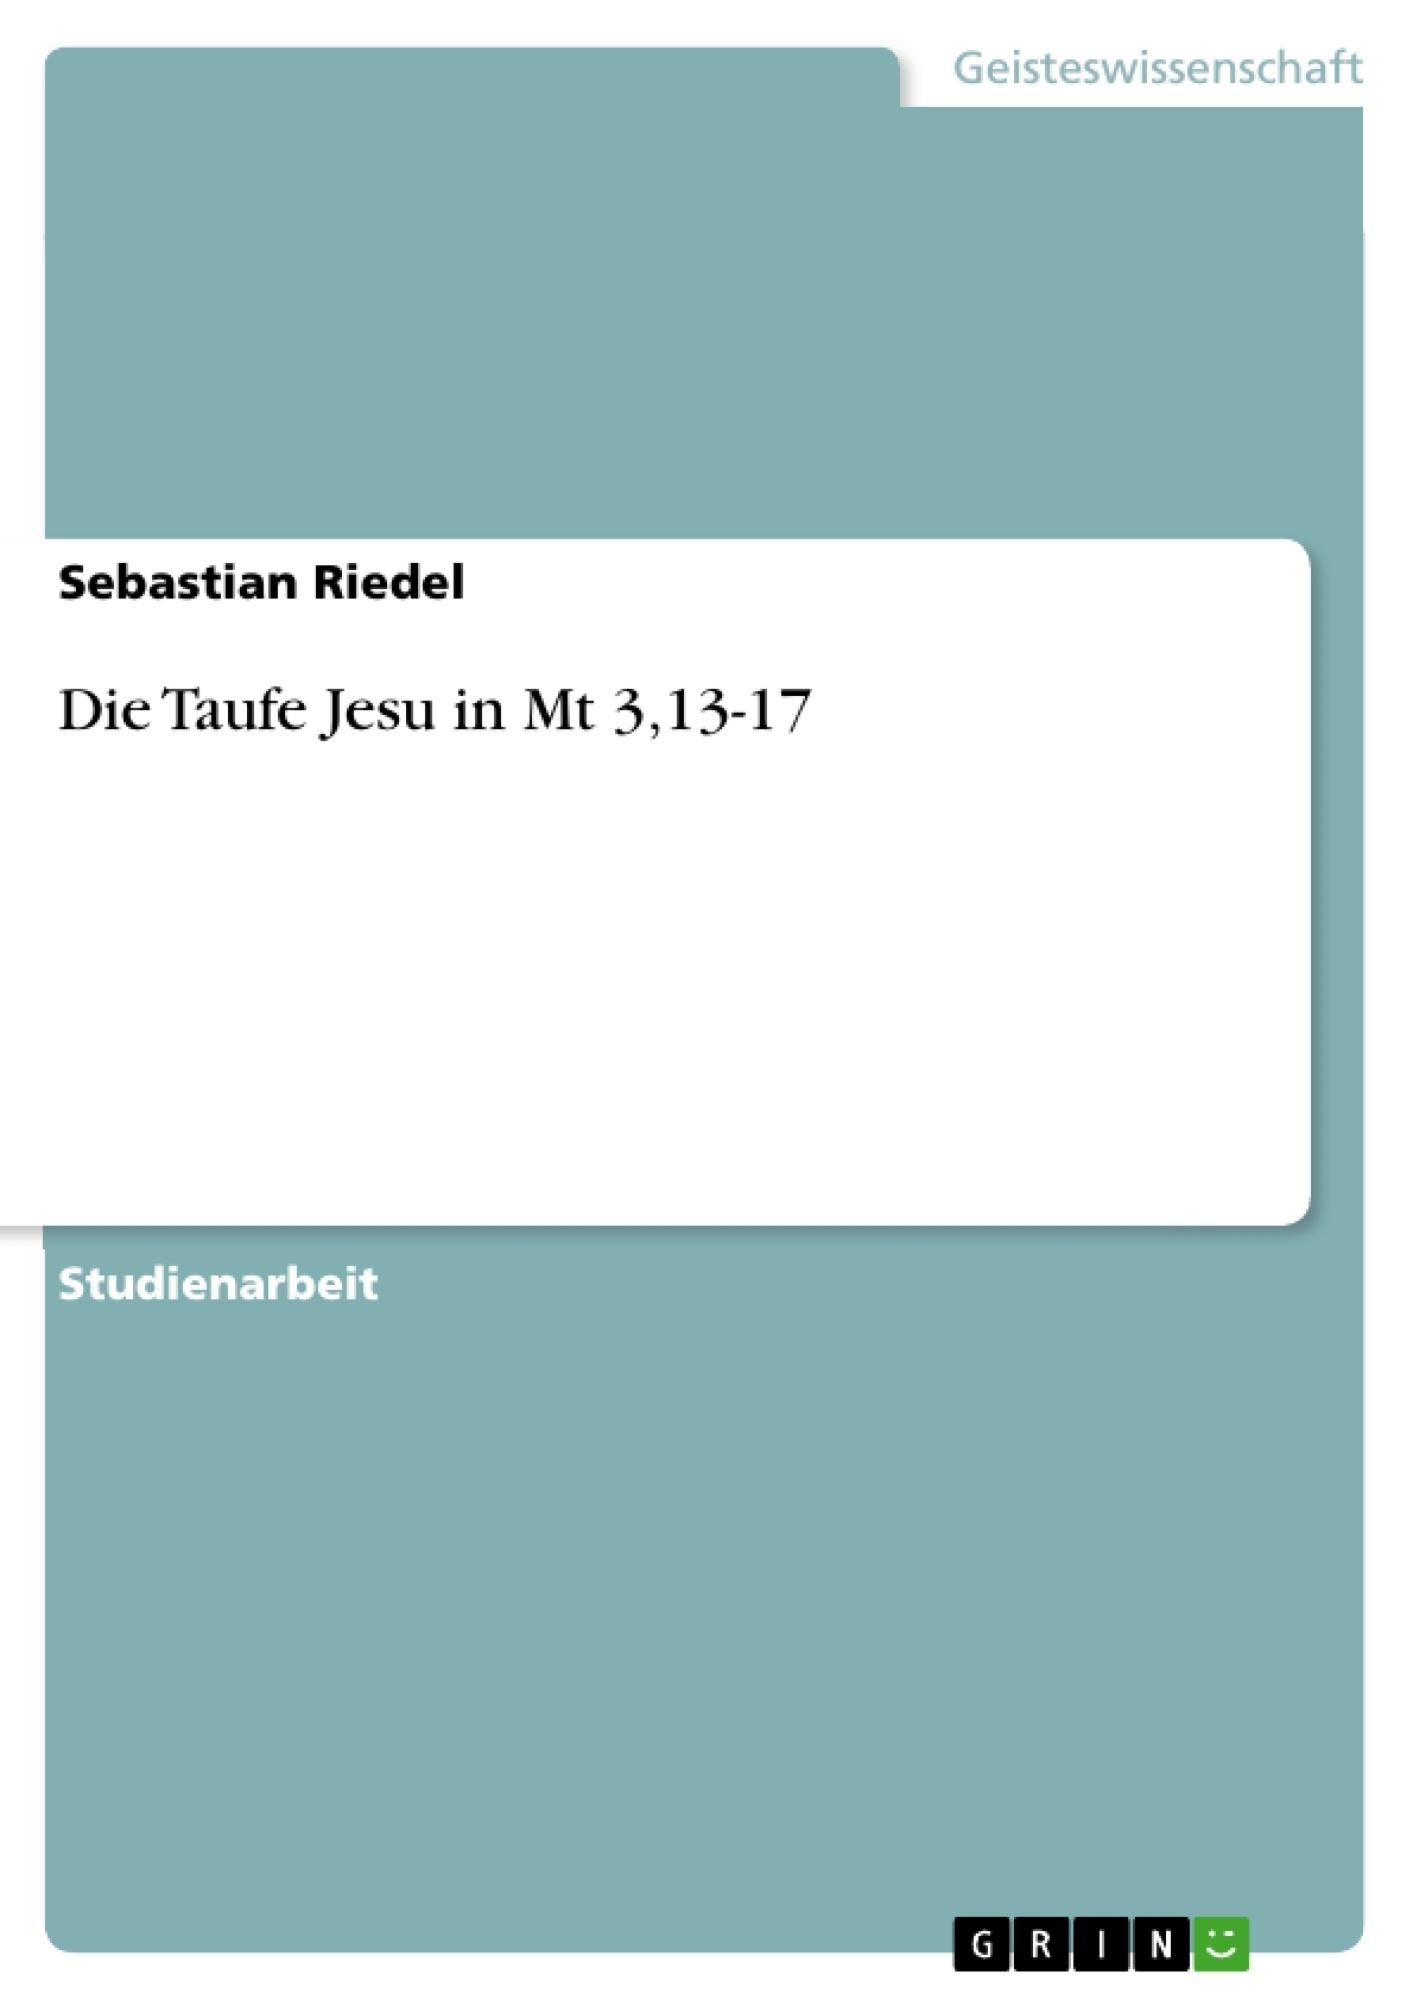 Titel: Die Taufe Jesu in Mt 3,13-17